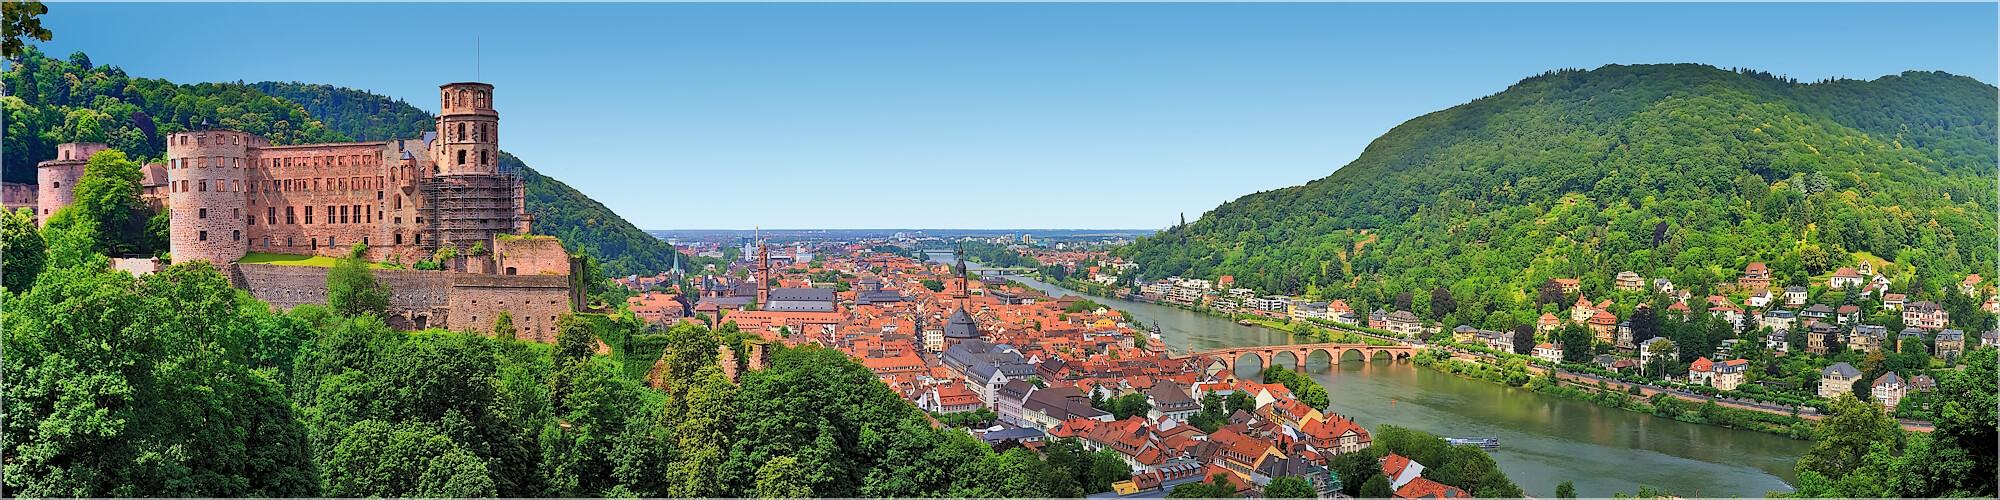 Panoramabild Heidelberg und Schloß